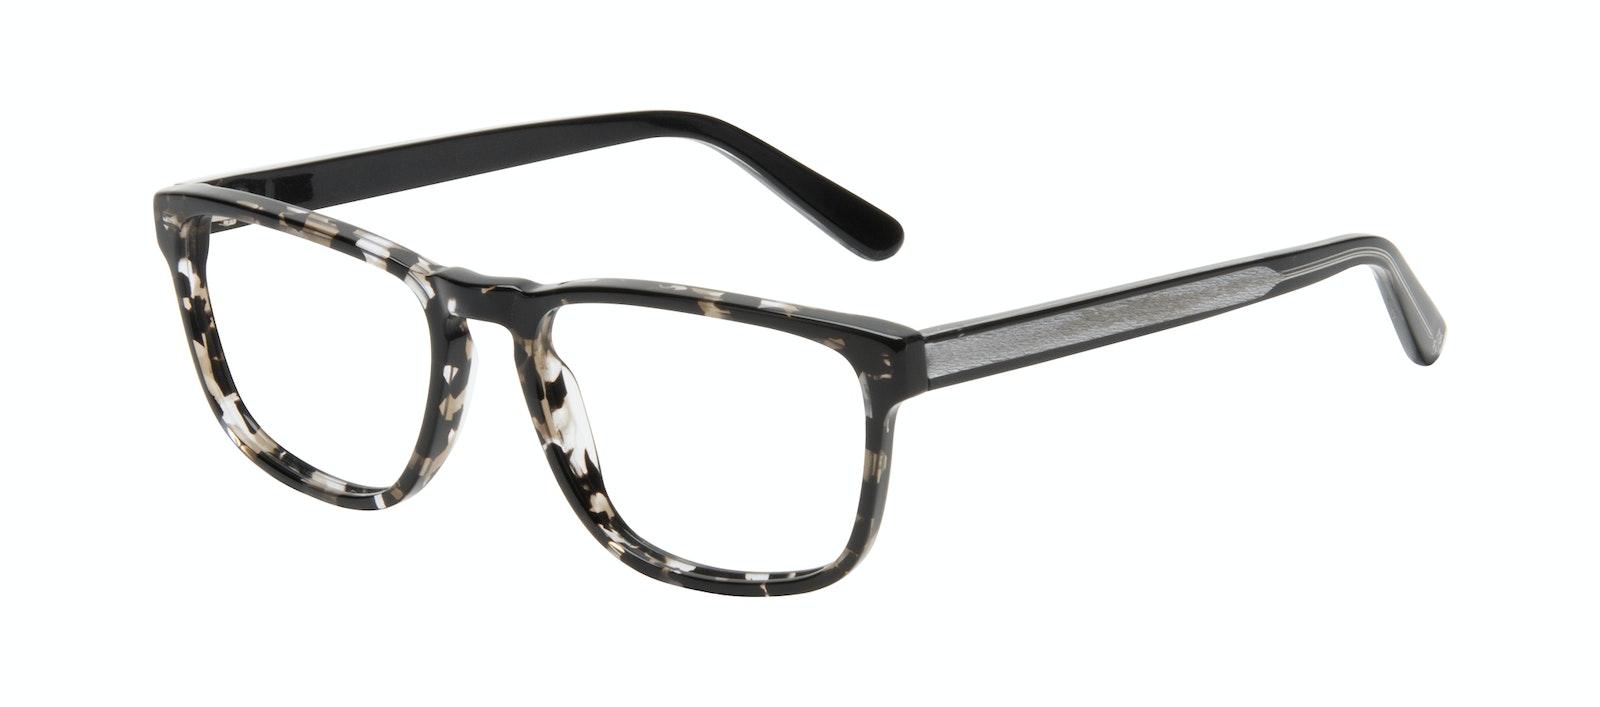 Affordable Fashion Glasses Square Eyeglasses Men Arctic Glacier Tilt